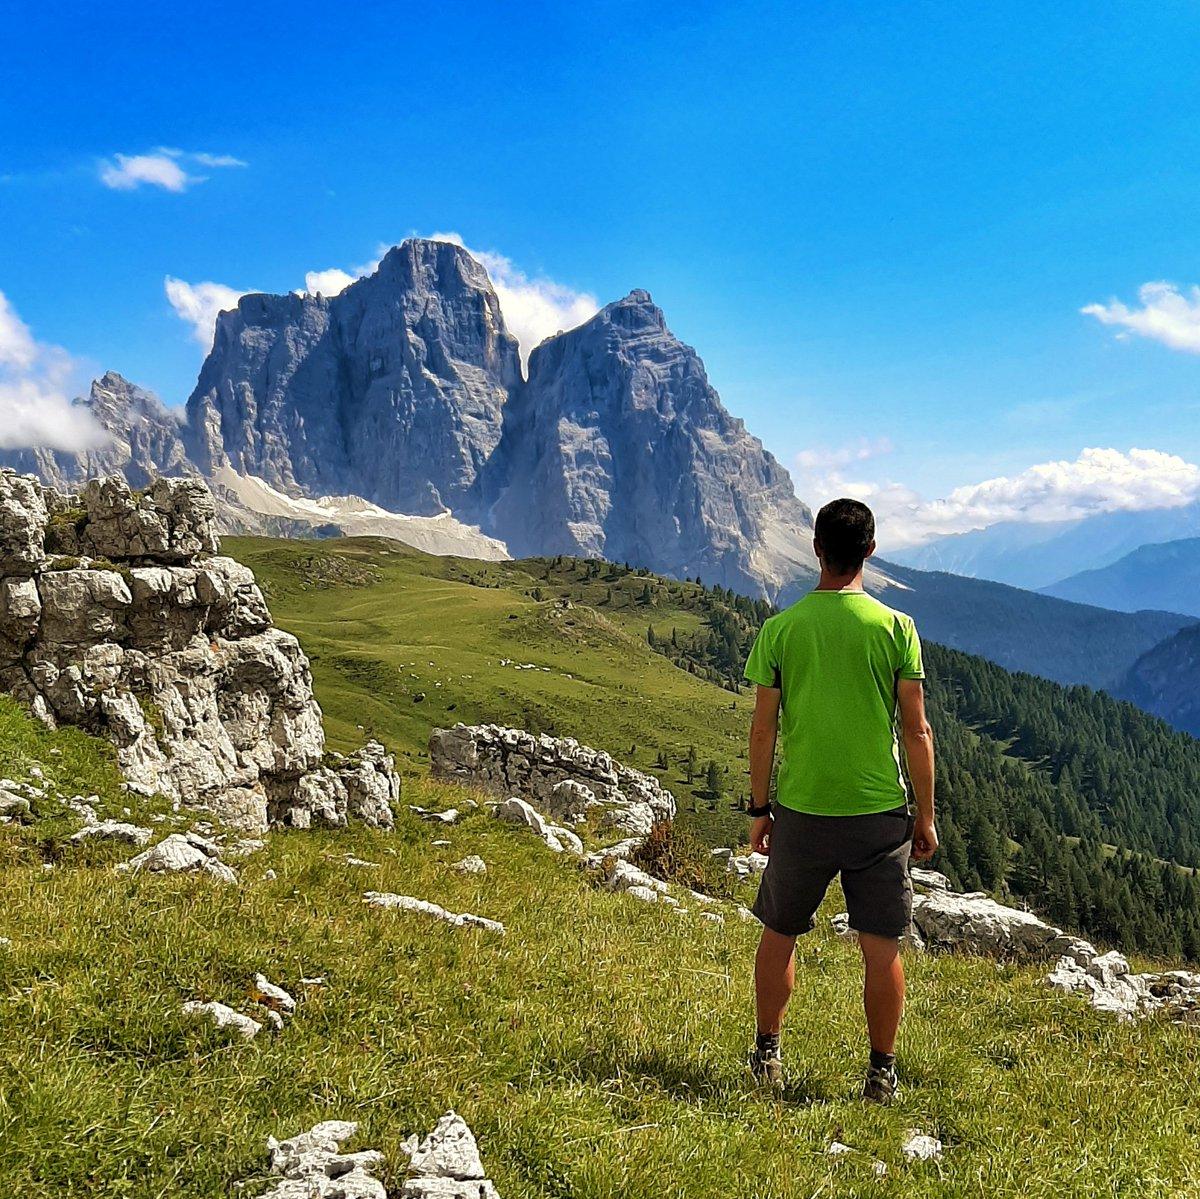 RT @pizzo_76: Ammirando il Monte Pelmo #italia #mo...